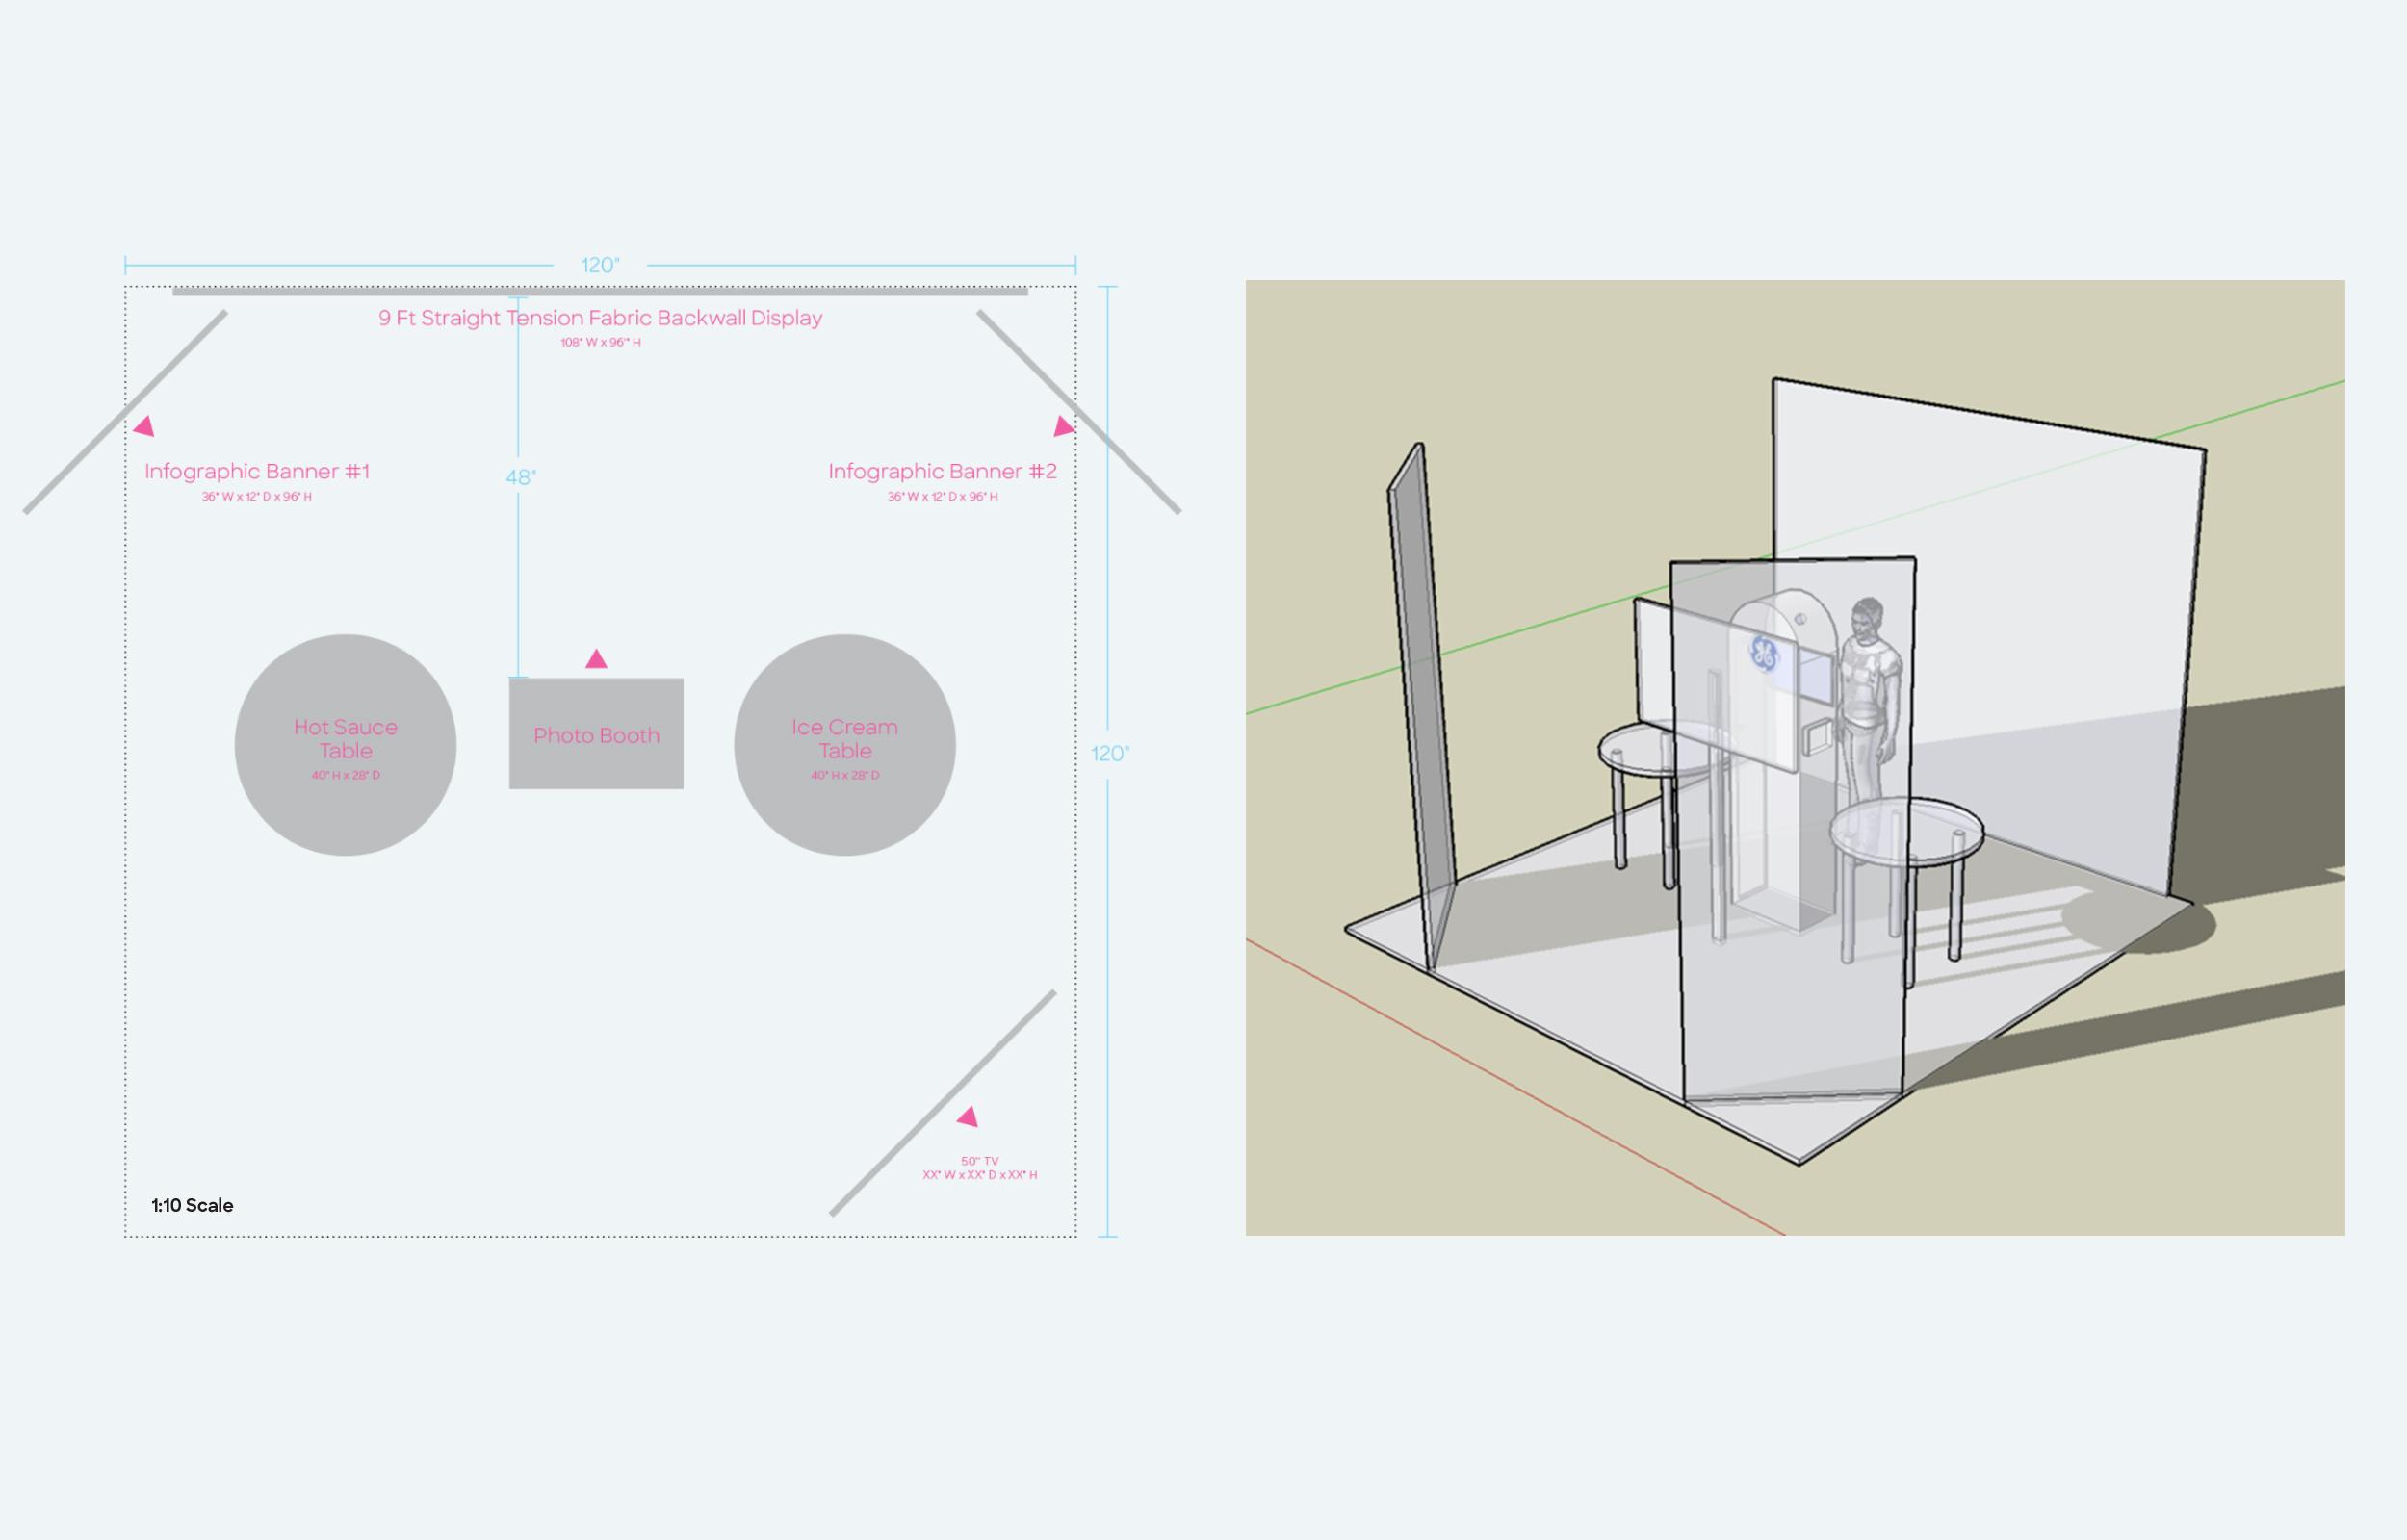 Event Floor Plan 1:10 Scale